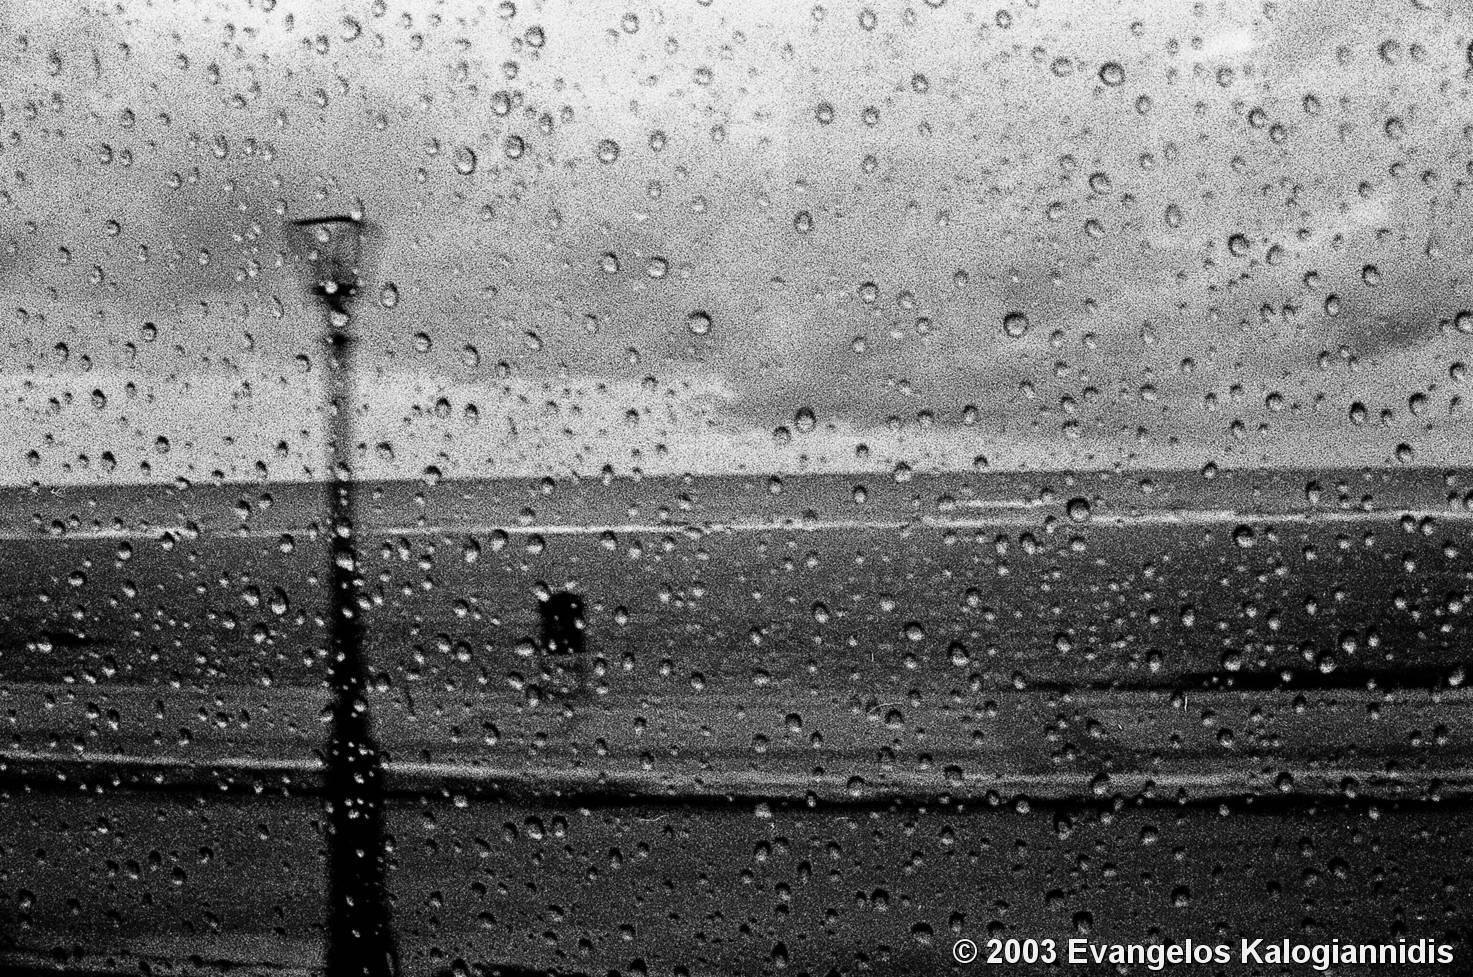 Raining_Pleasure.jpg?1305027852